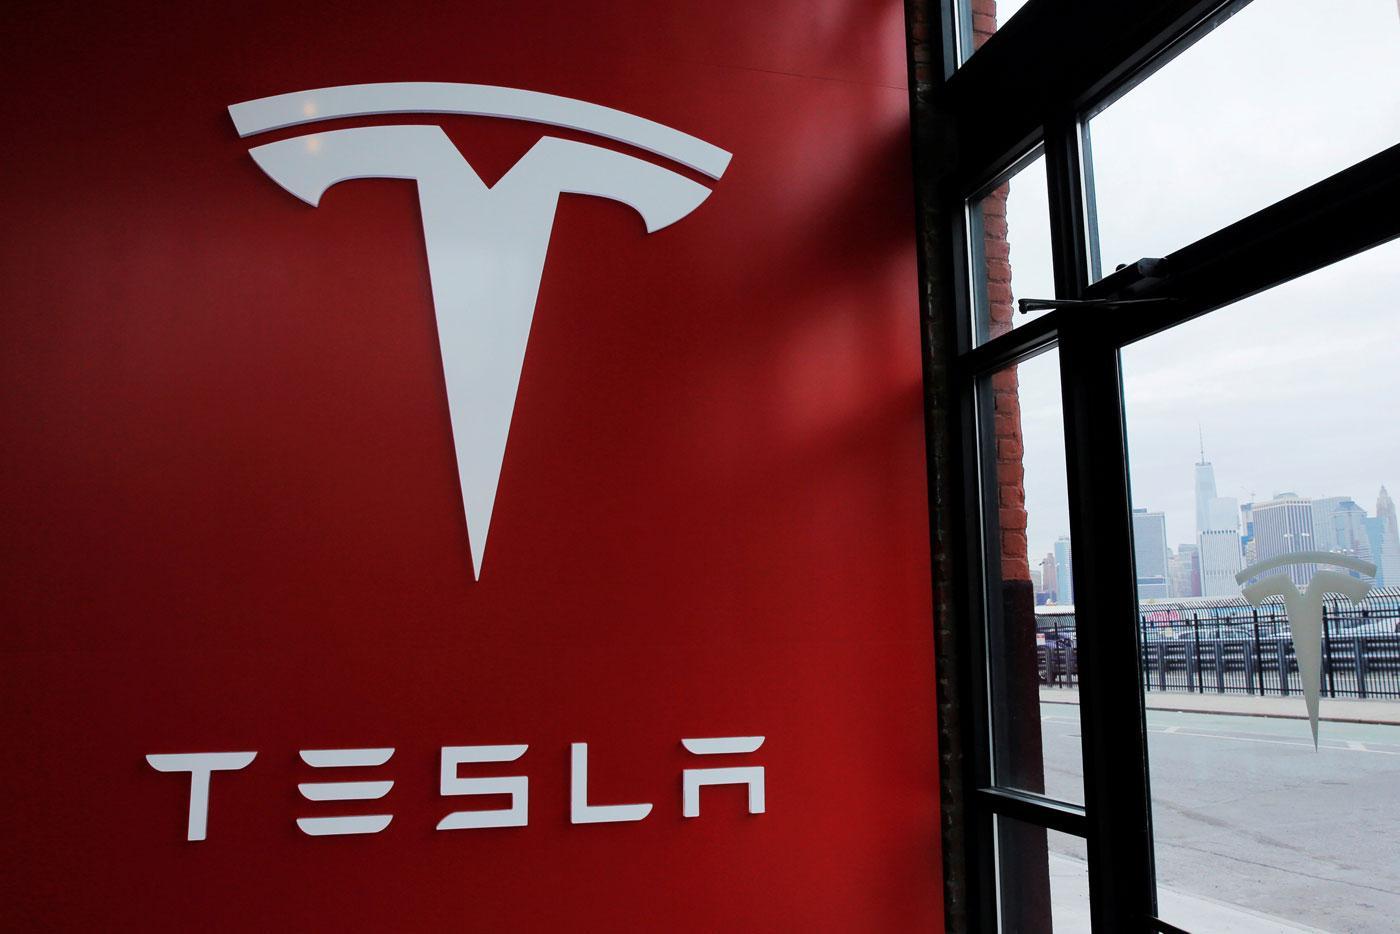 Tesla и другие автопроизводители электромобилей могут получить прирост инвестиций на $ 1,5 млрд благодаря новому плану стимулирования экономики ЦА